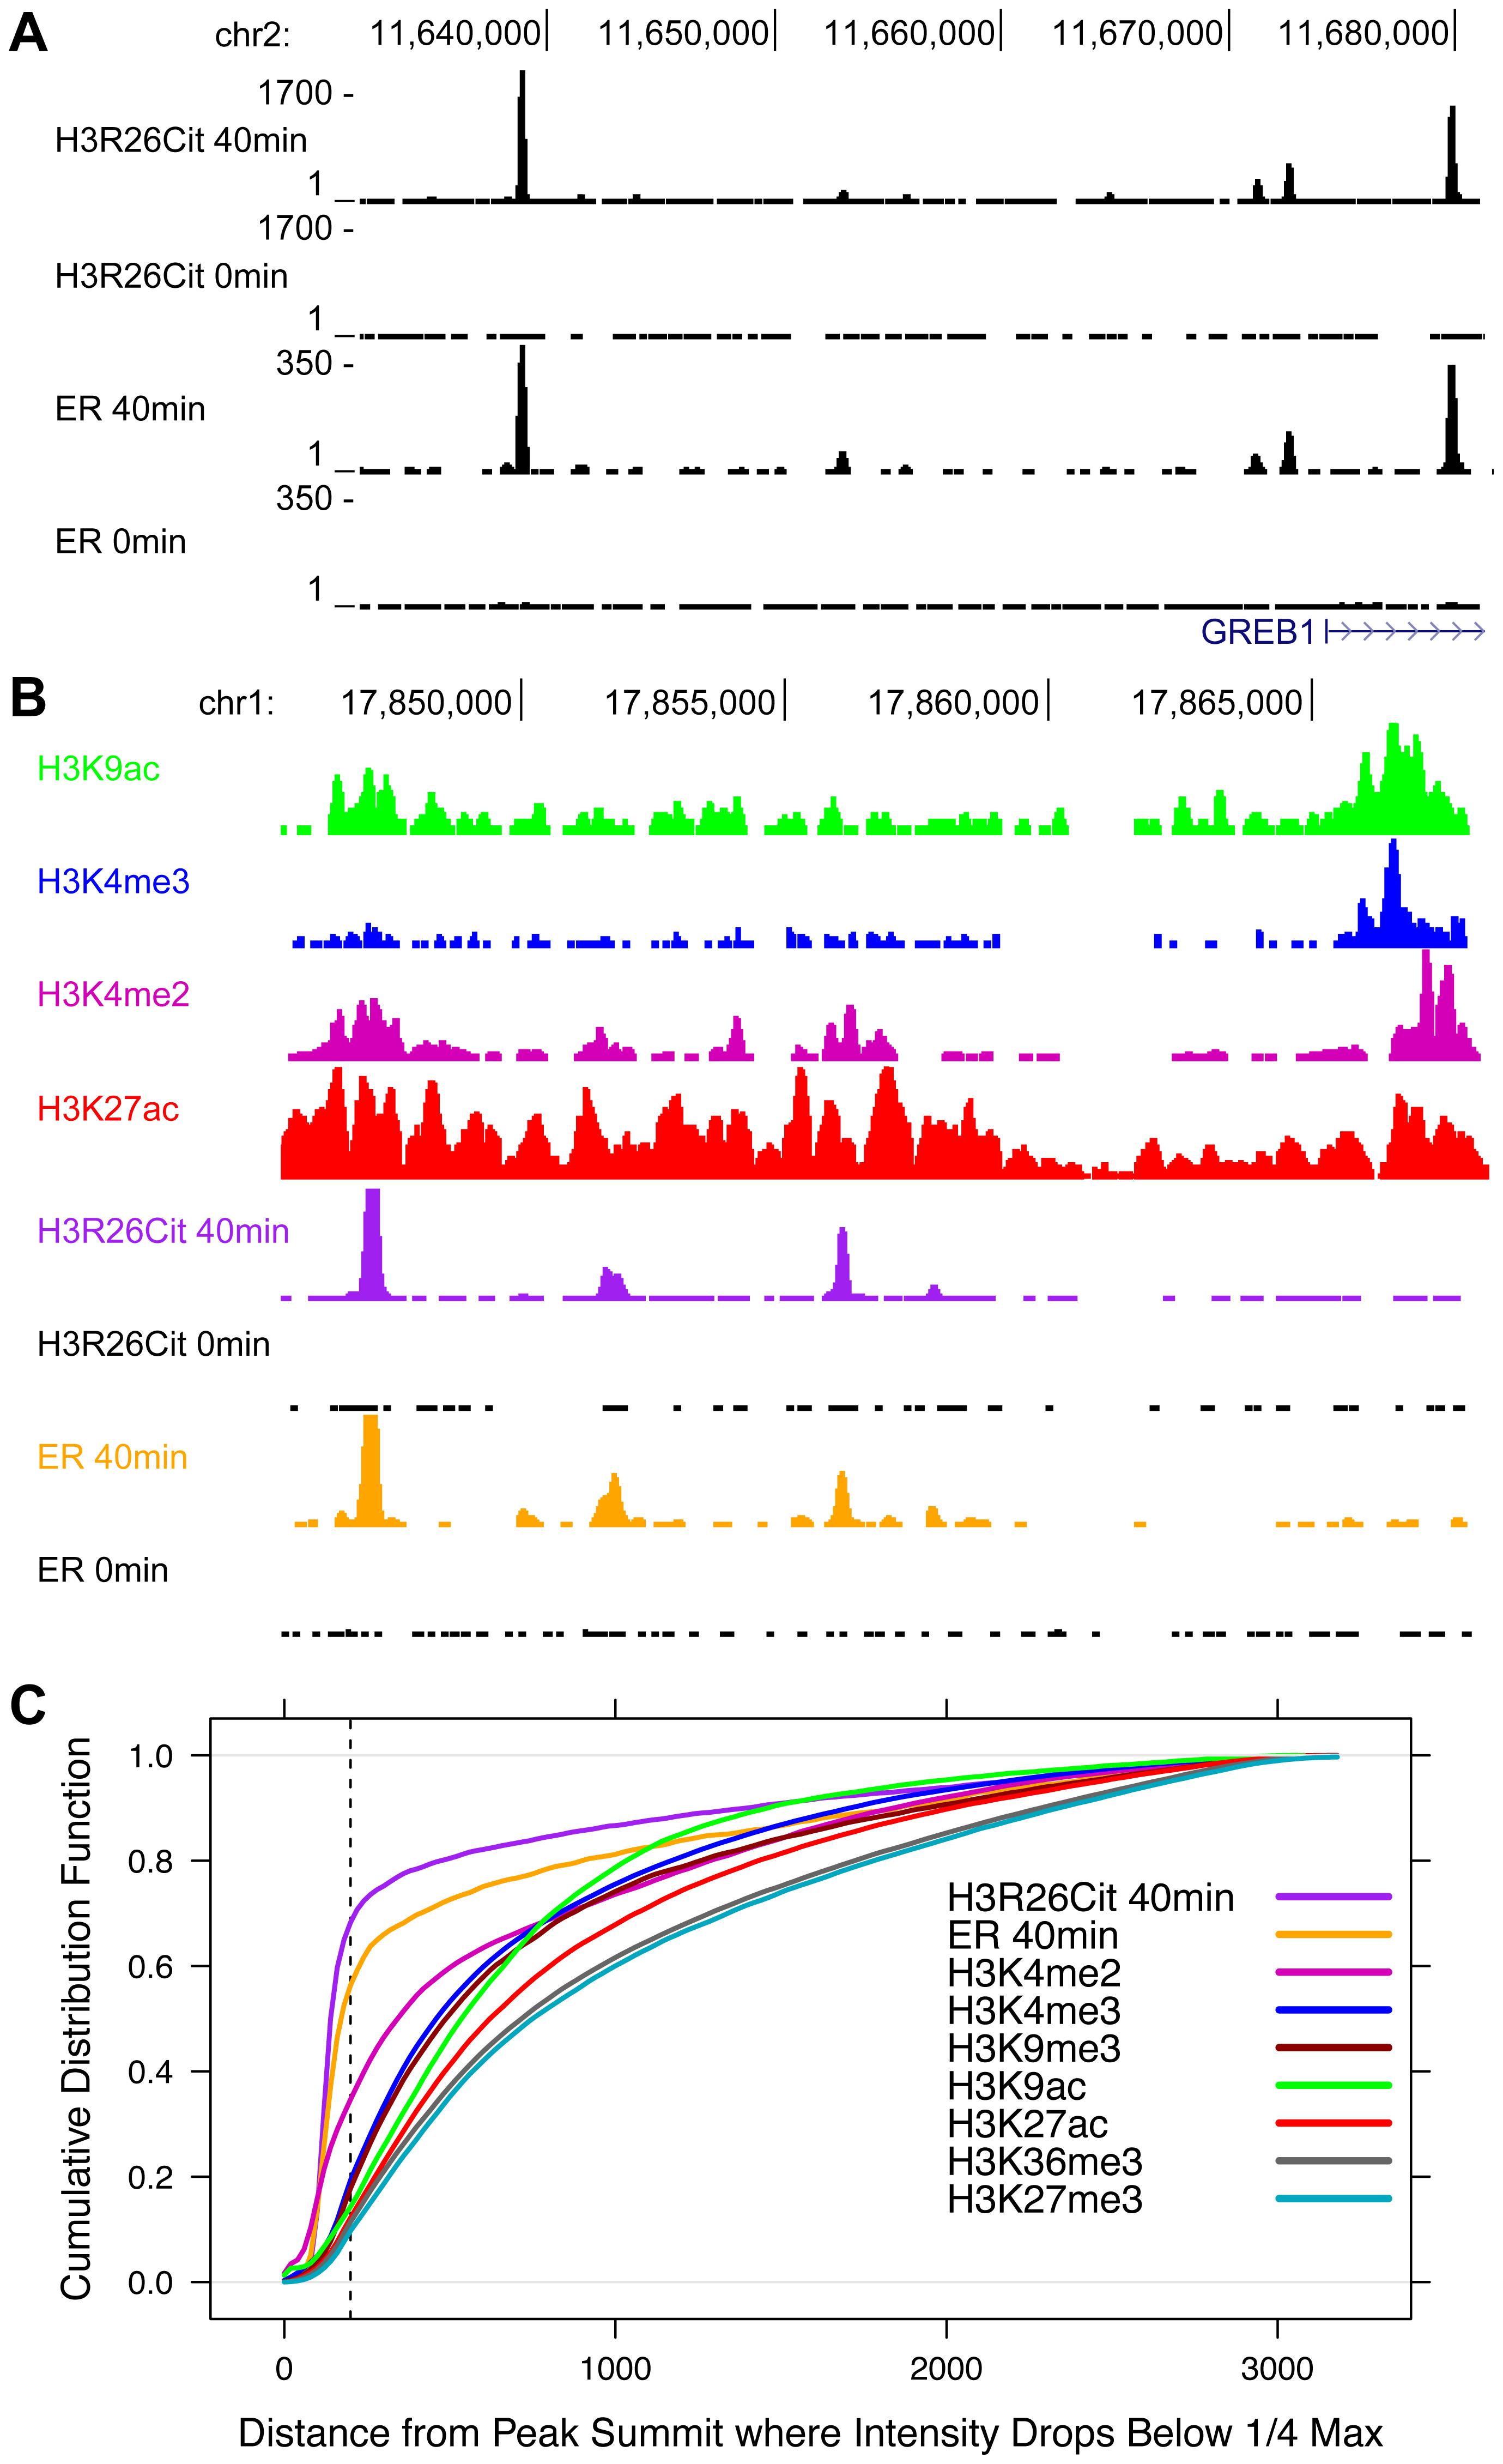 The genomic profile of H3R26Cit is uniquely discrete compared to other histone modifications.